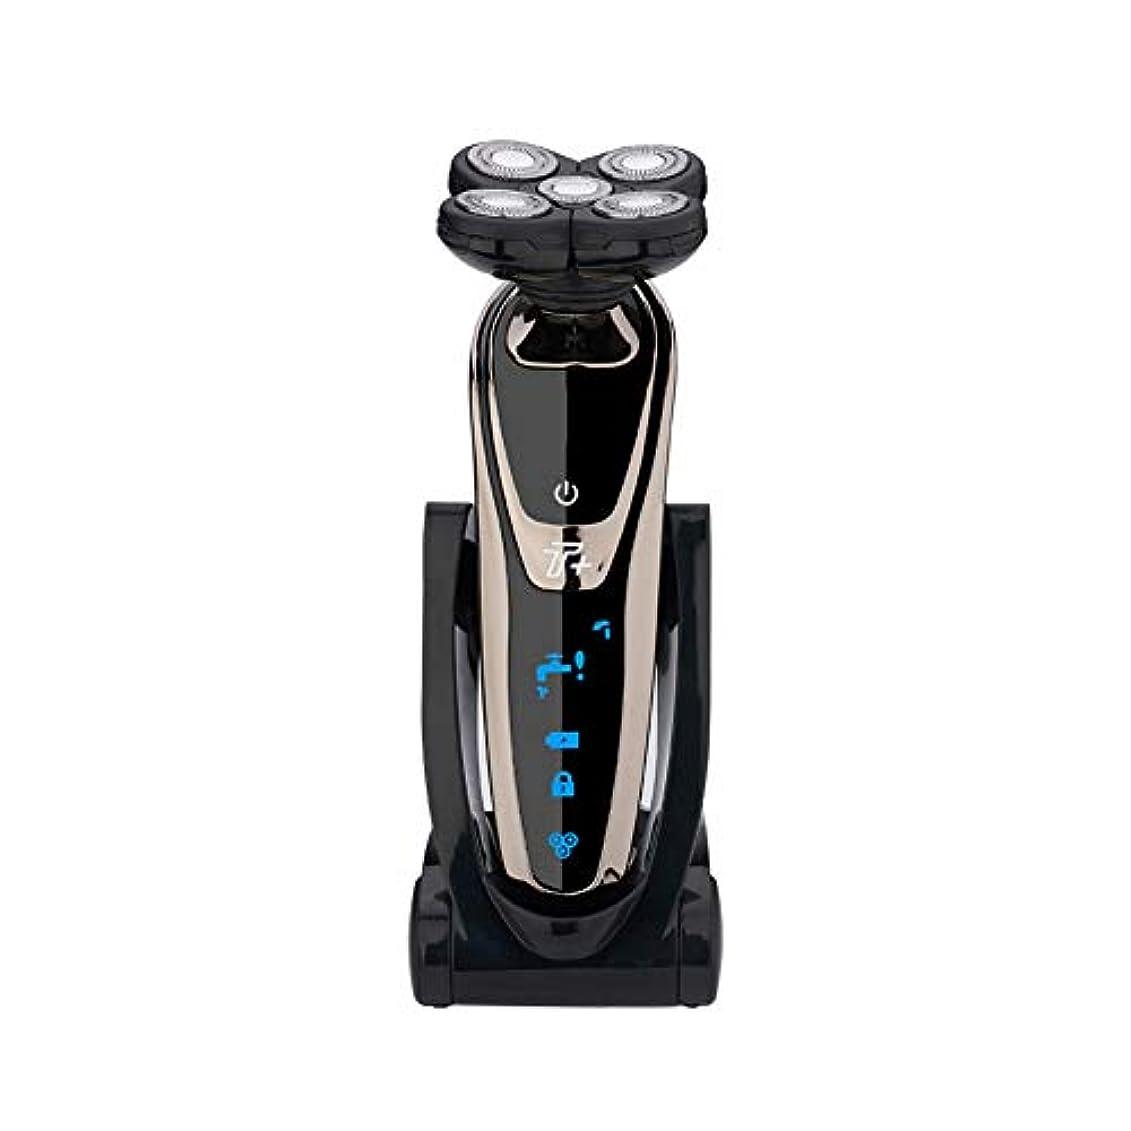 ベイビー適応する支給男性用充電式電気かみそり、2019更新バージョンウェットとドライロータリーシェーバーポップアップトリマー、Ipx7防水電気箔かみそり